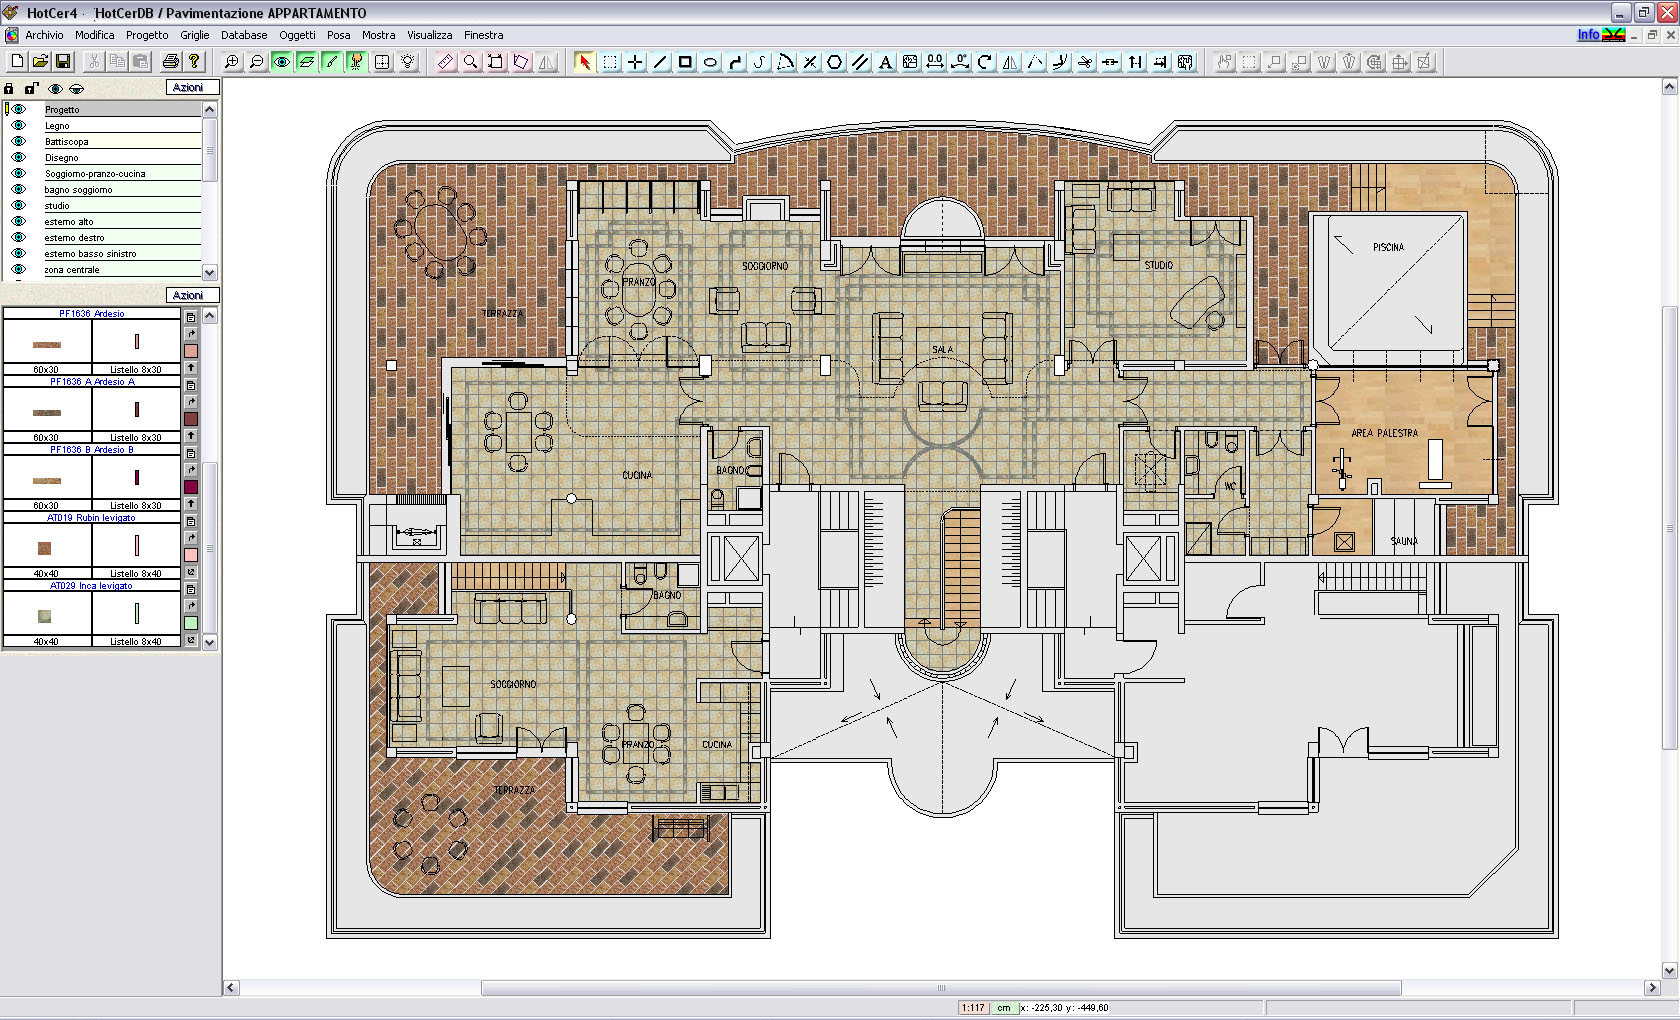 Cavalli software hotcer per la progettazione di schemi for Software di progettazione per la casa